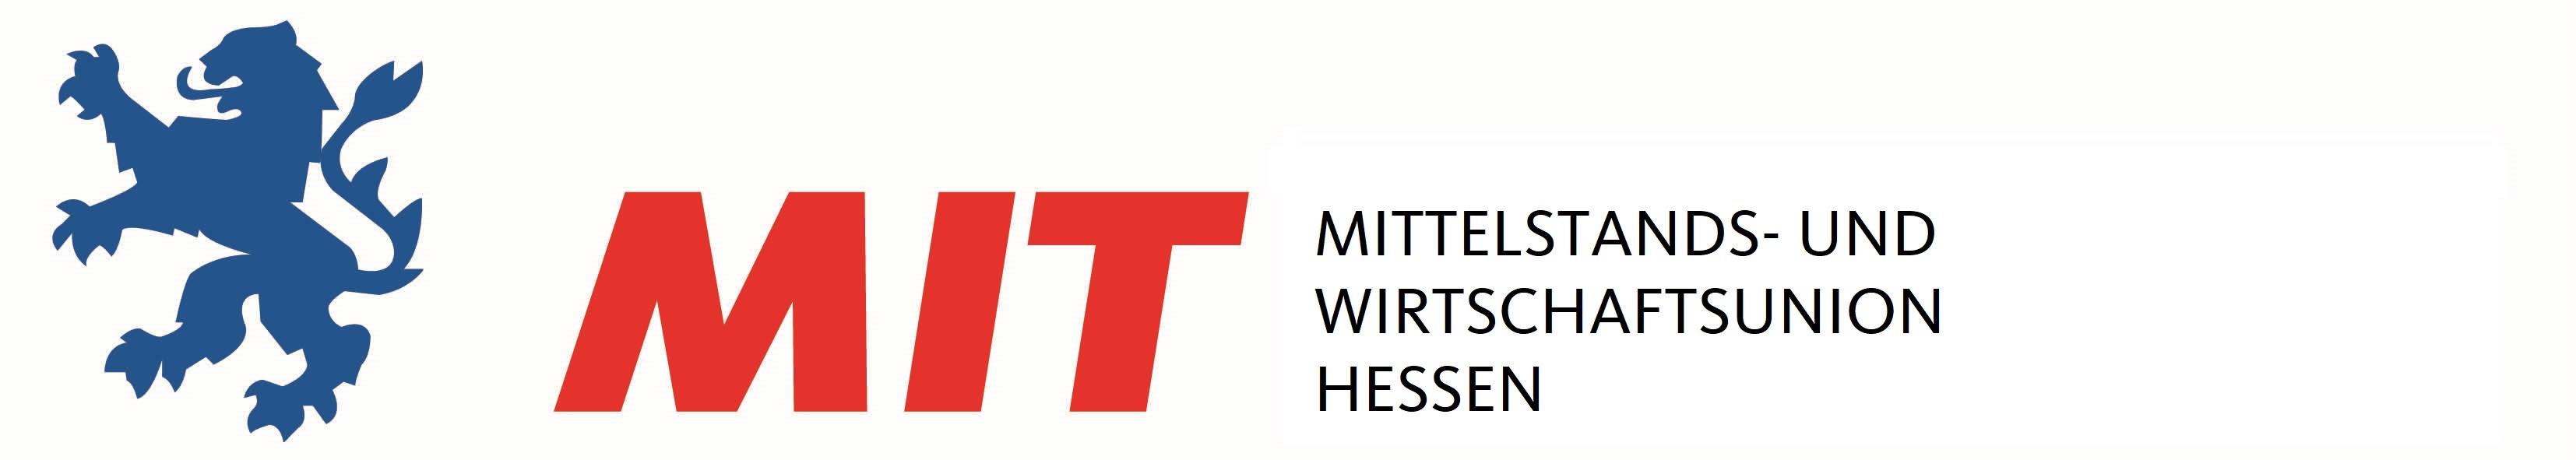 Logo der Mittelstands- und Wirtschaftsunion Hessen